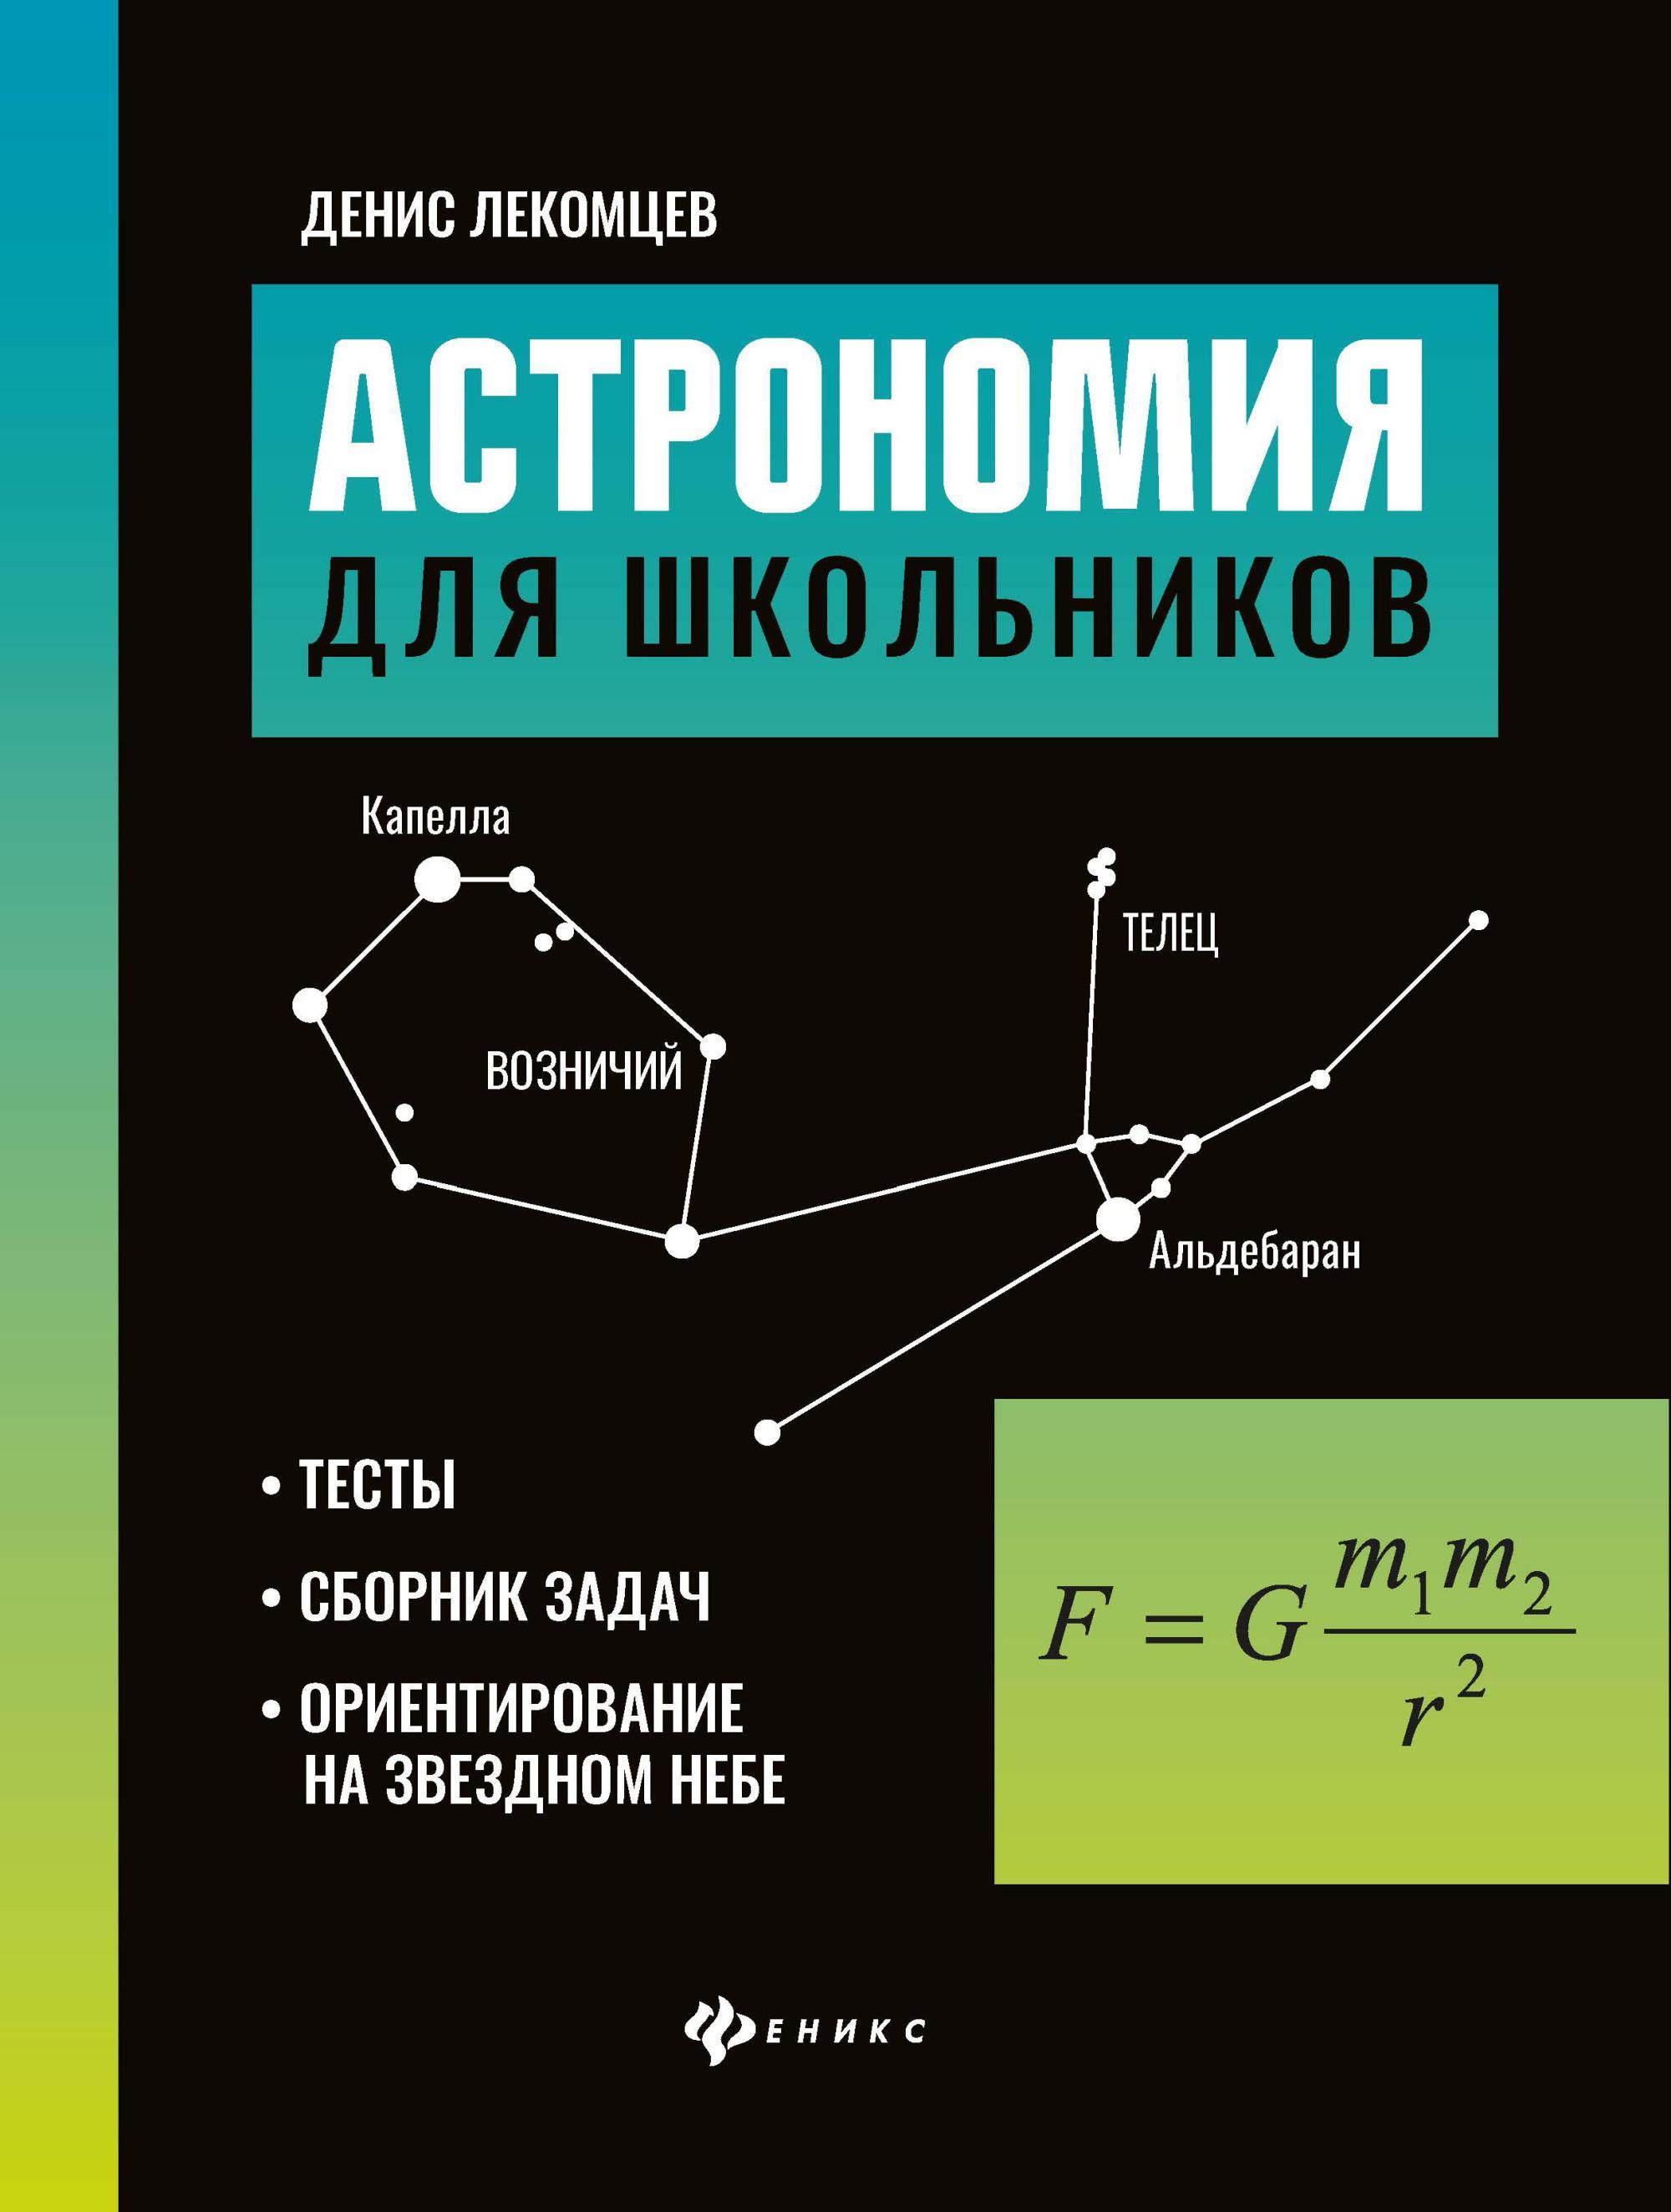 Астрономия для школьников: тесты, сборник задач, ориентирование на звездном небе